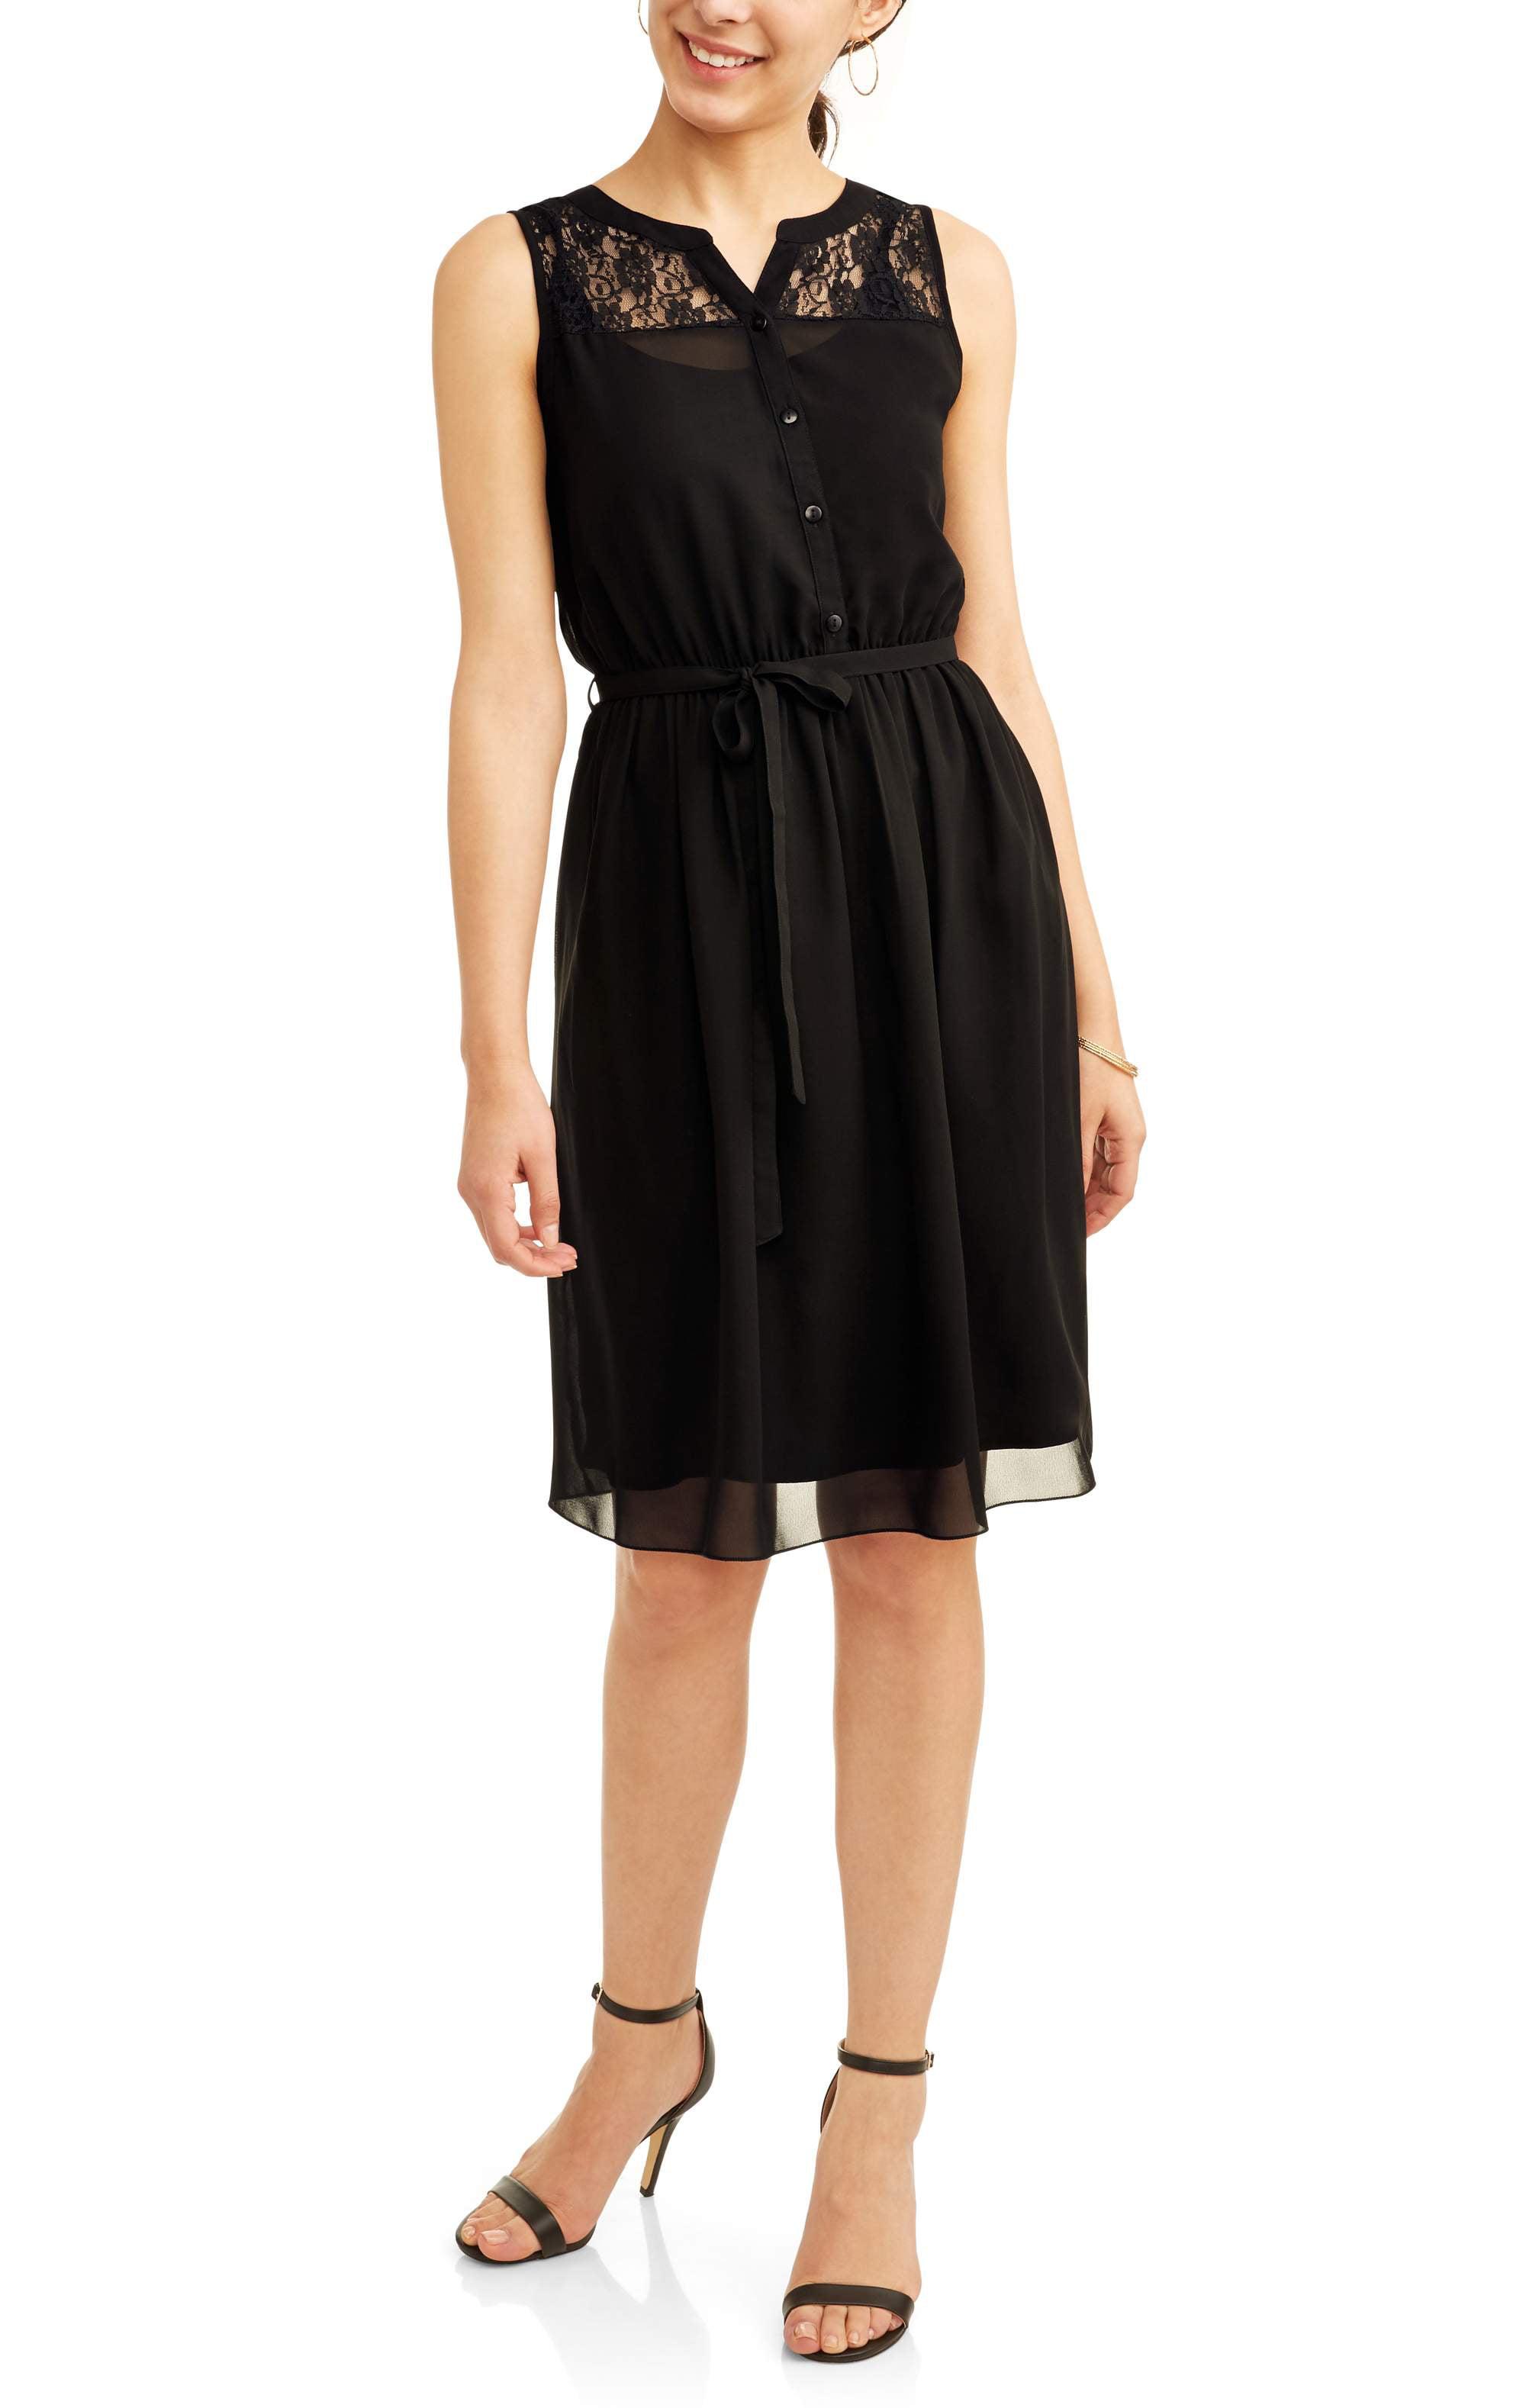 Jaquline Design Studio Women's Lace Detail Dress